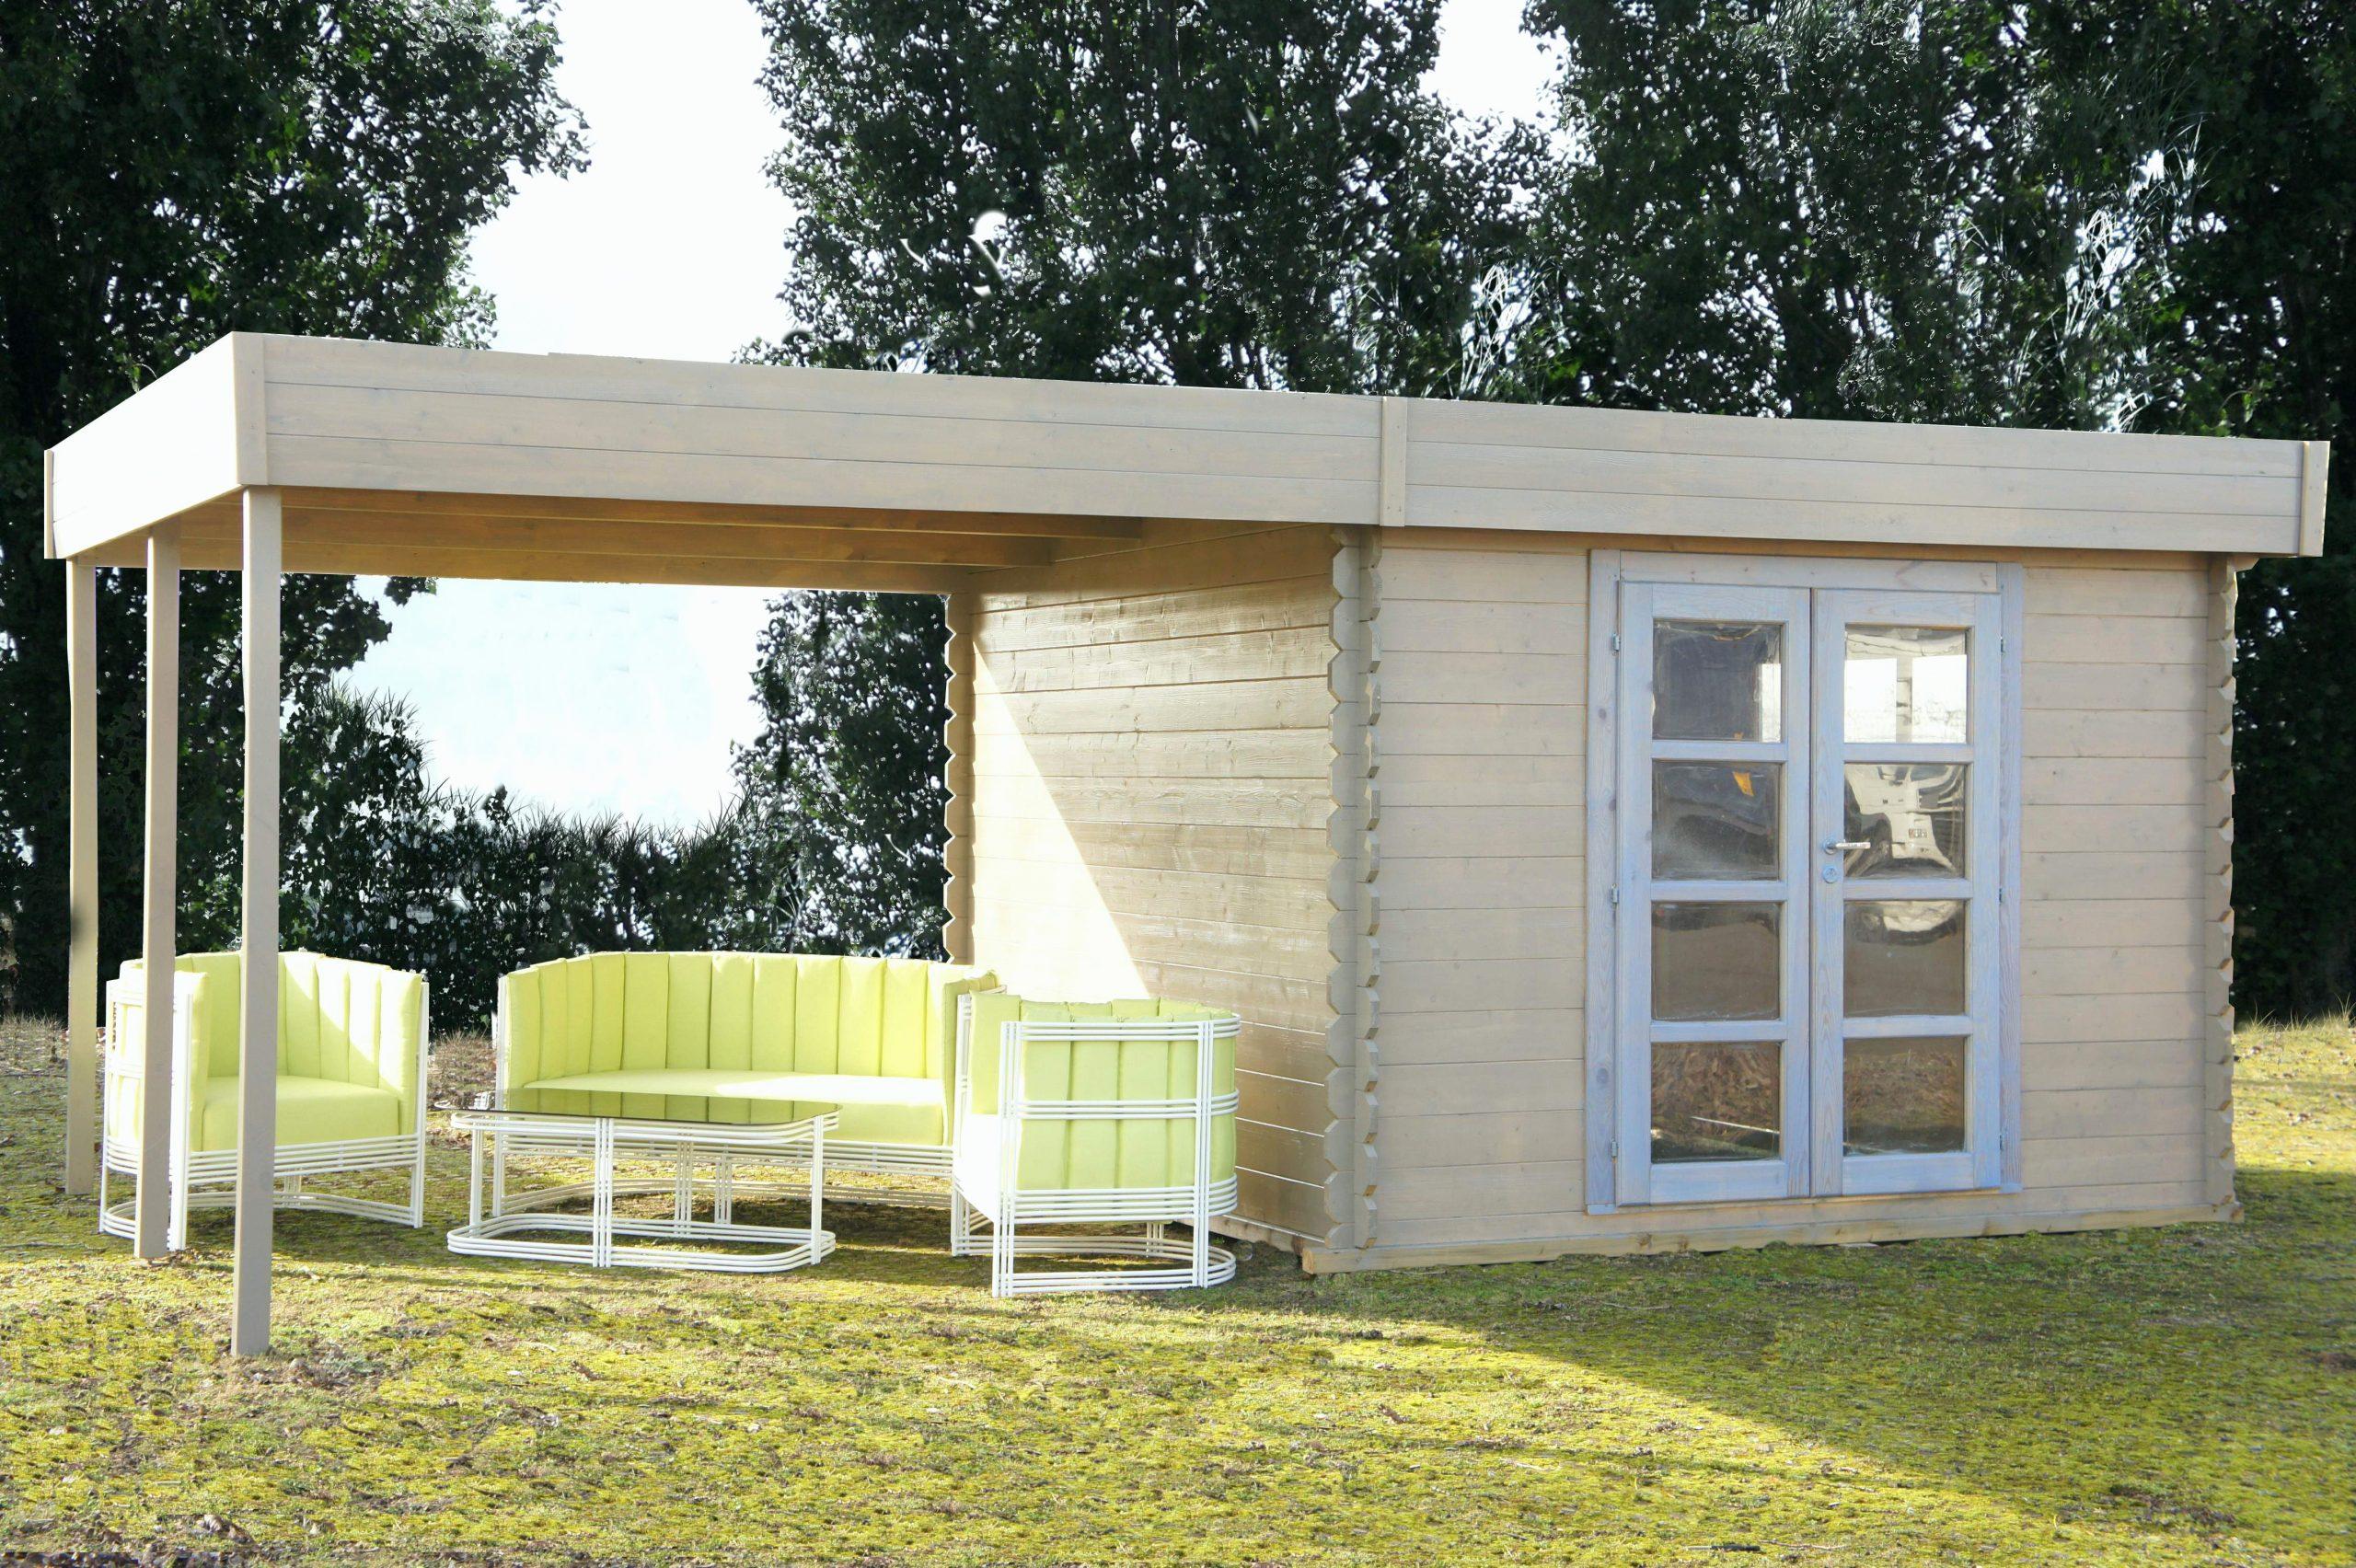 Salon De Jardin Carrefour Bois - The Best Undercut Ponytail pour Carrefour Chalet De Jardin